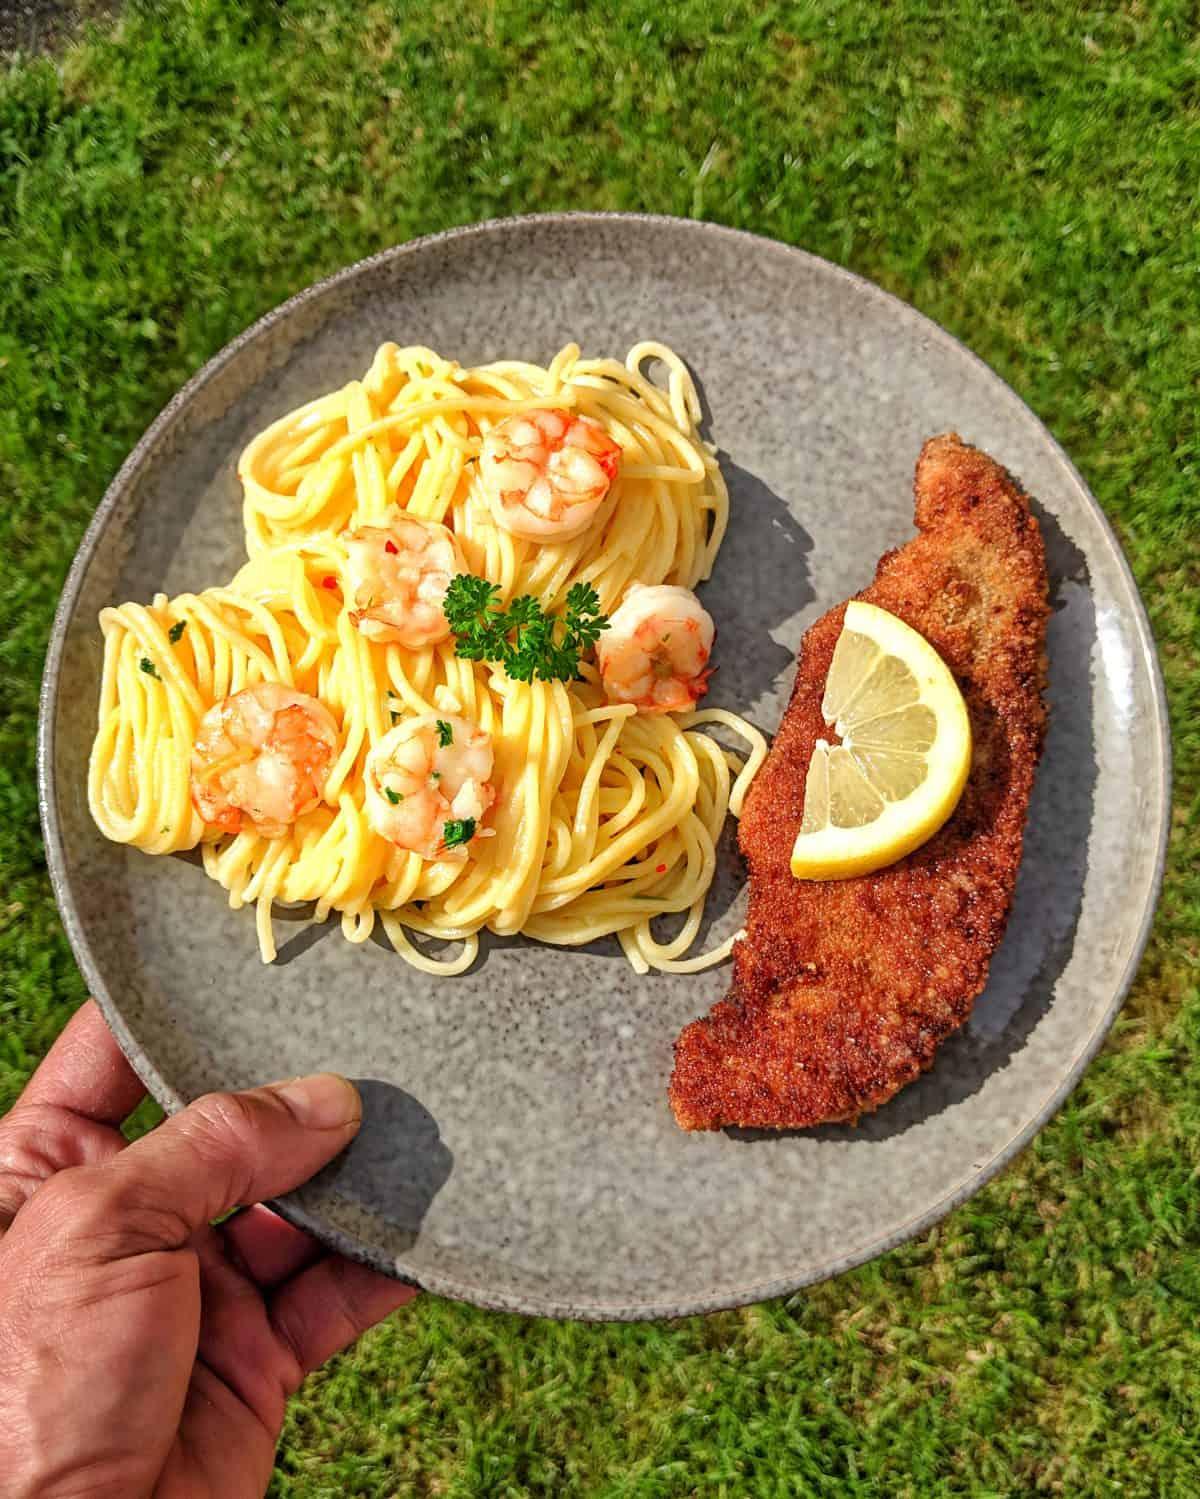 Eine Hand hält einen grauenTeller mit Spaghetti Aglio Olio mit Scampi und Parmesanschnitzel.